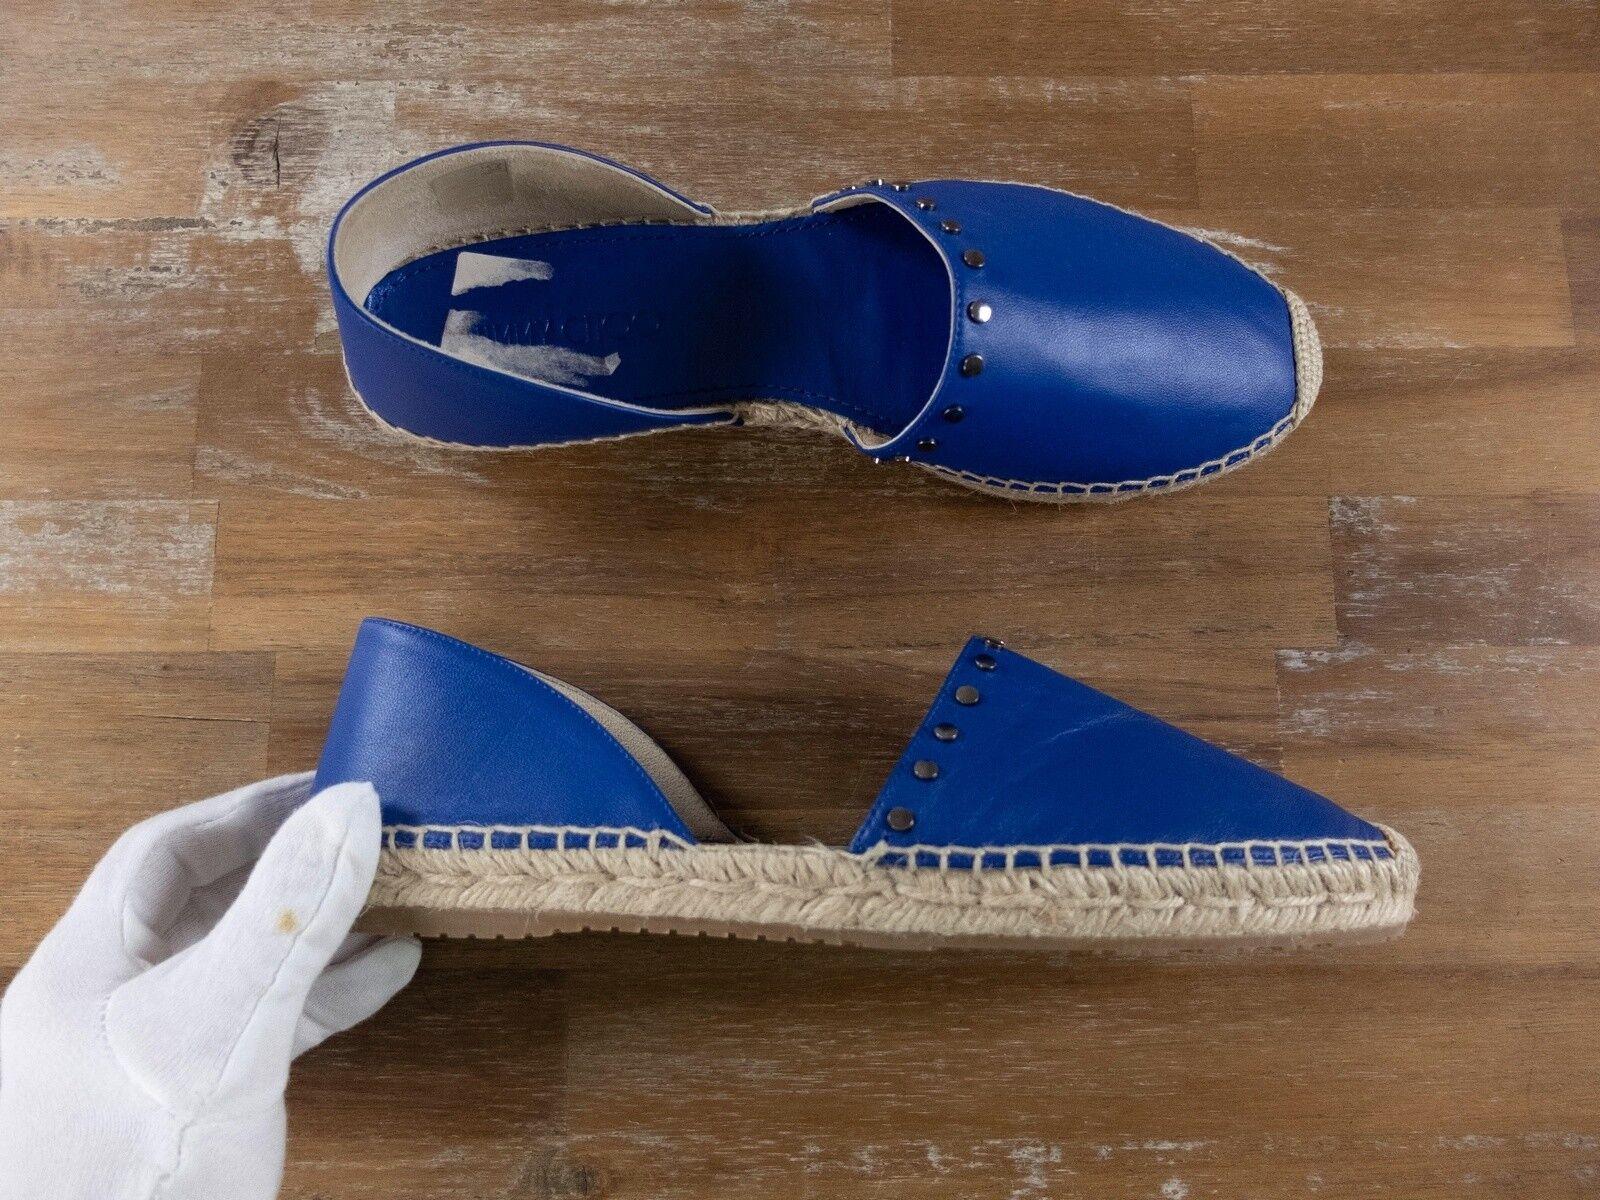 JIMMY CHOO Dreya blue lambskin espadrilles - Taglia 10.5 US / 7.5 UK / 40.5 EU